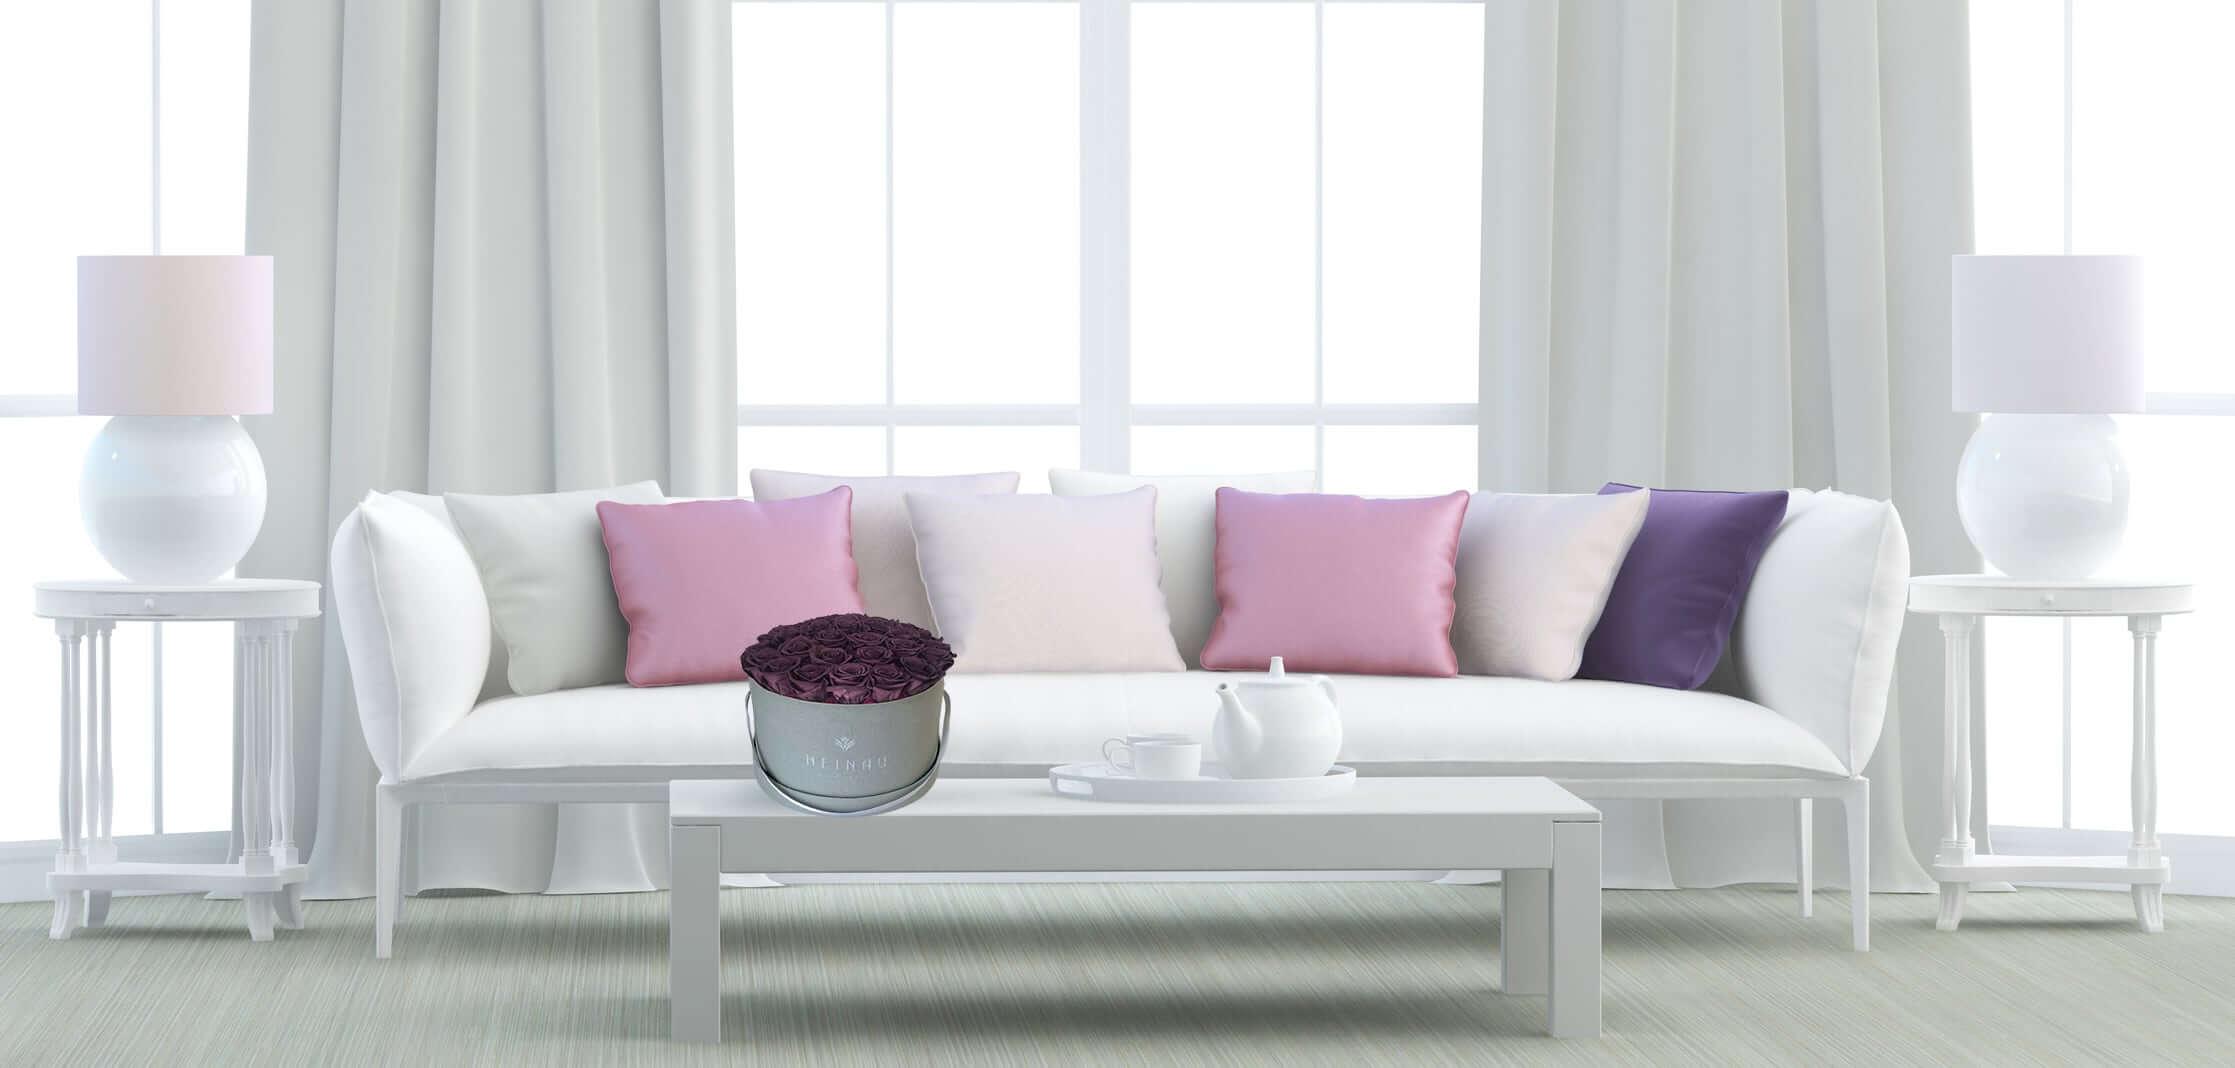 Heinau Purple Flowers Arrangement on Table Interior